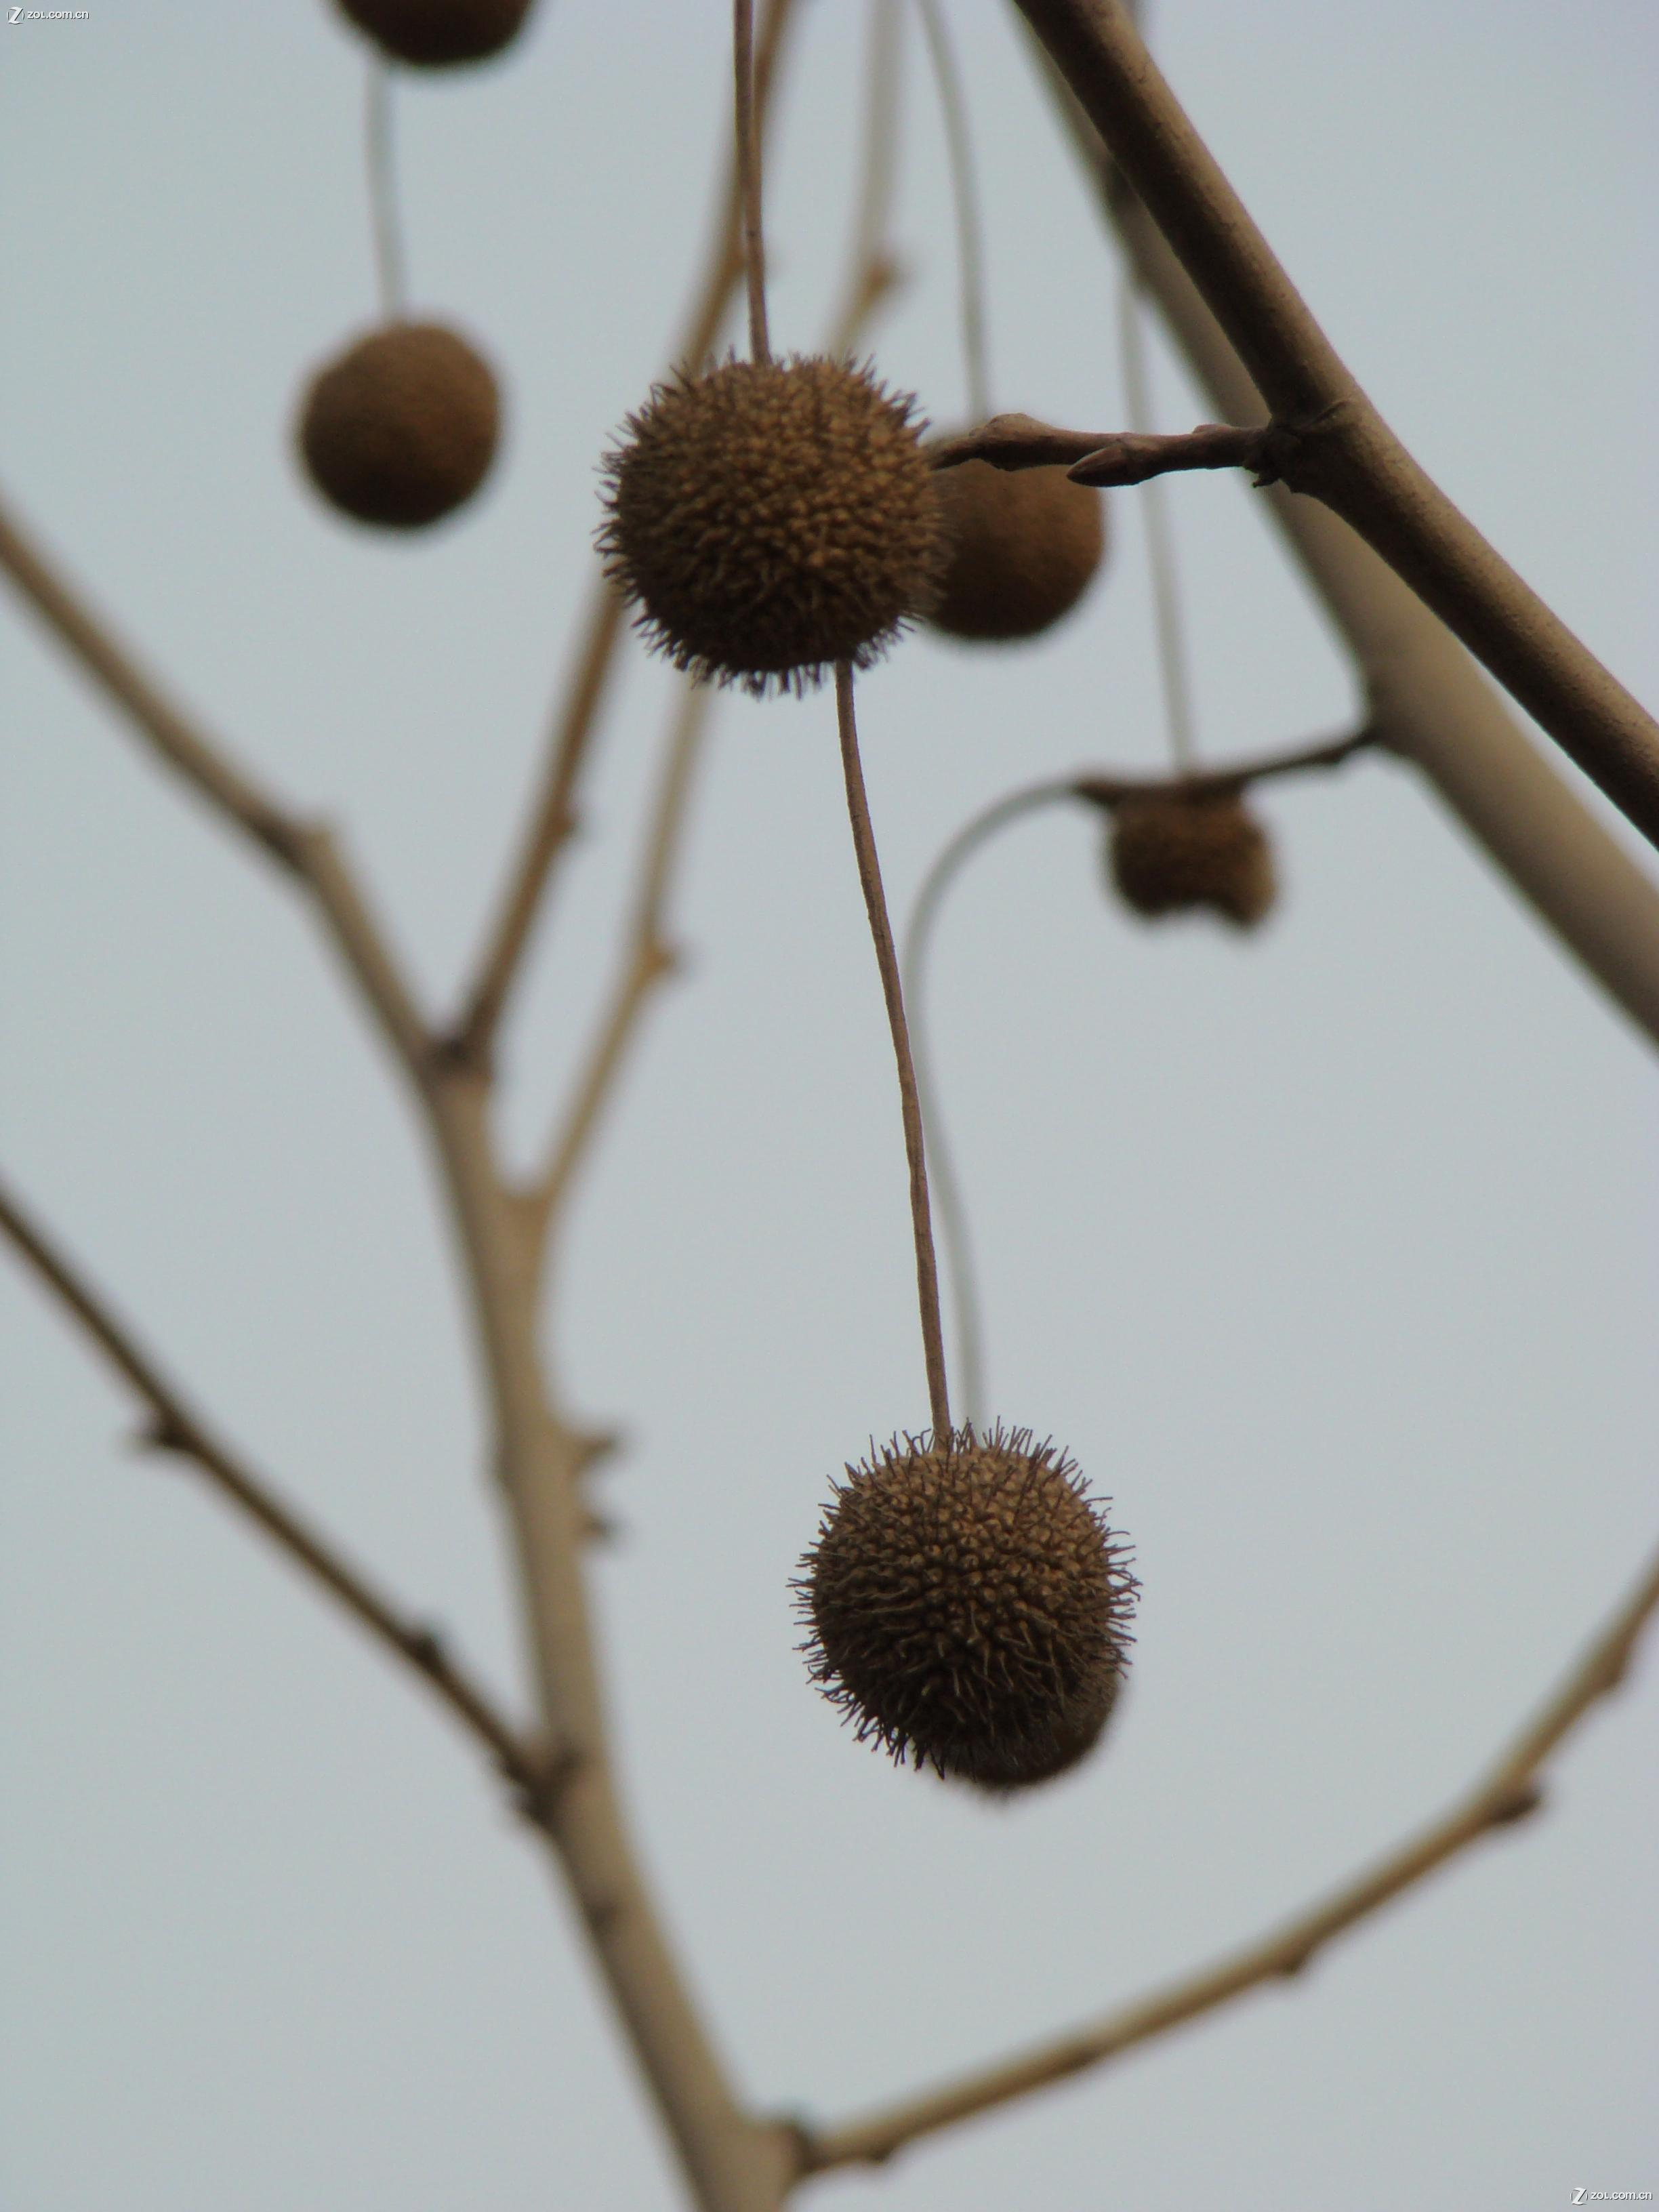 法国梧桐树的果实